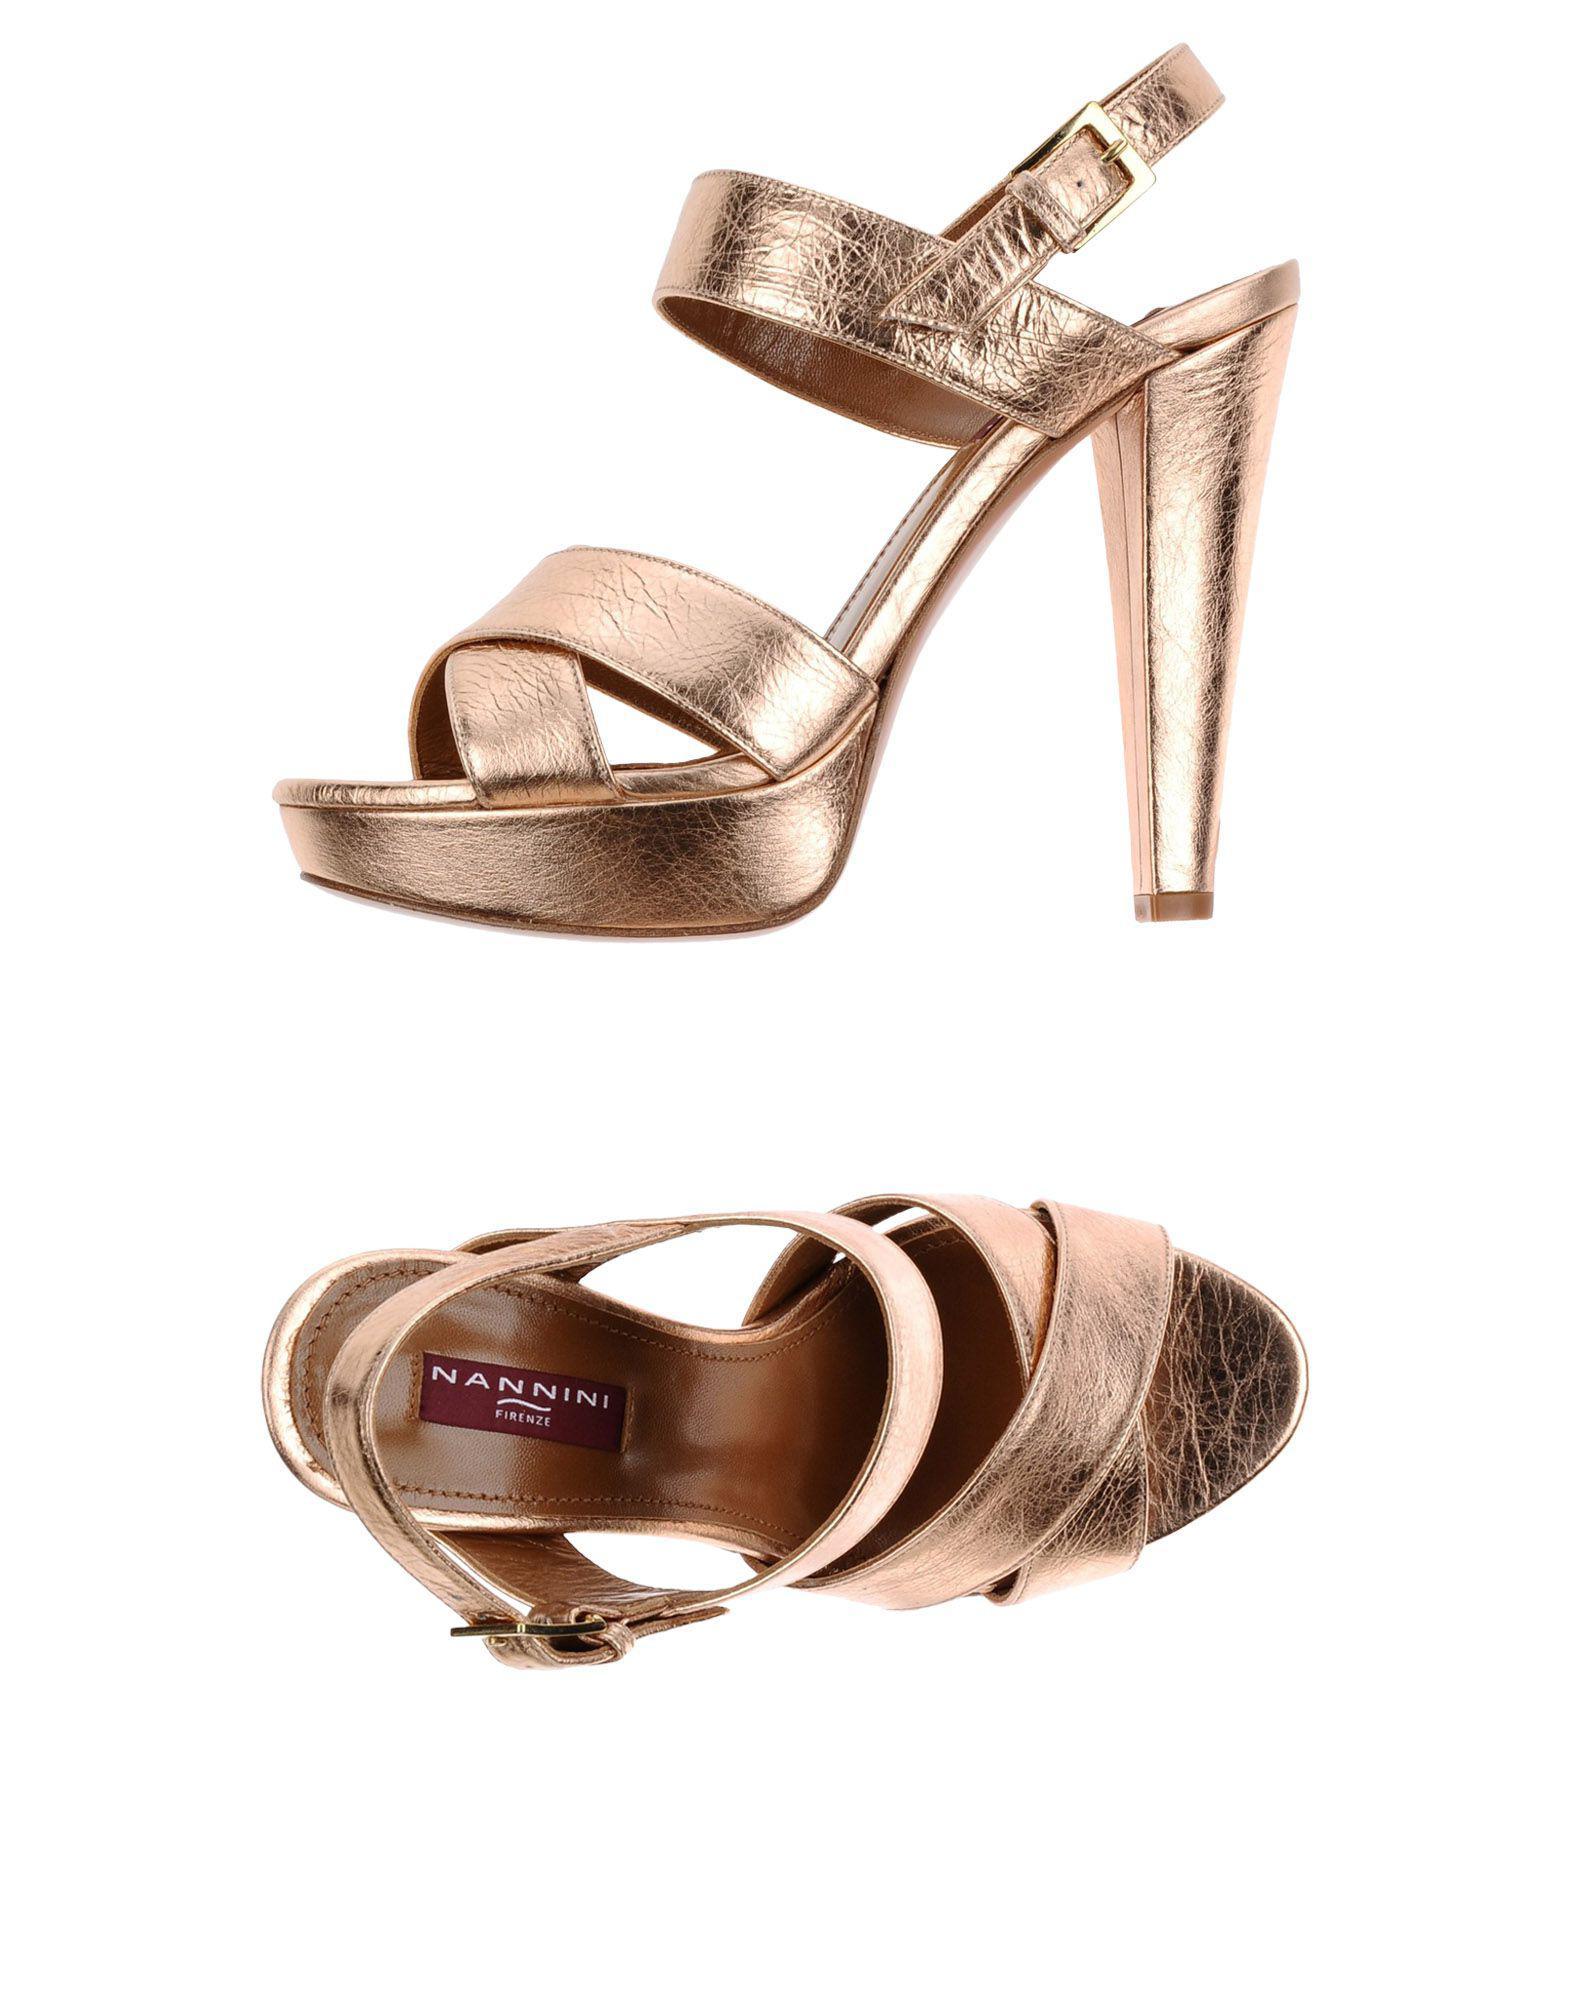 FOOTWEAR - Sandals Nannini 1Zw9G